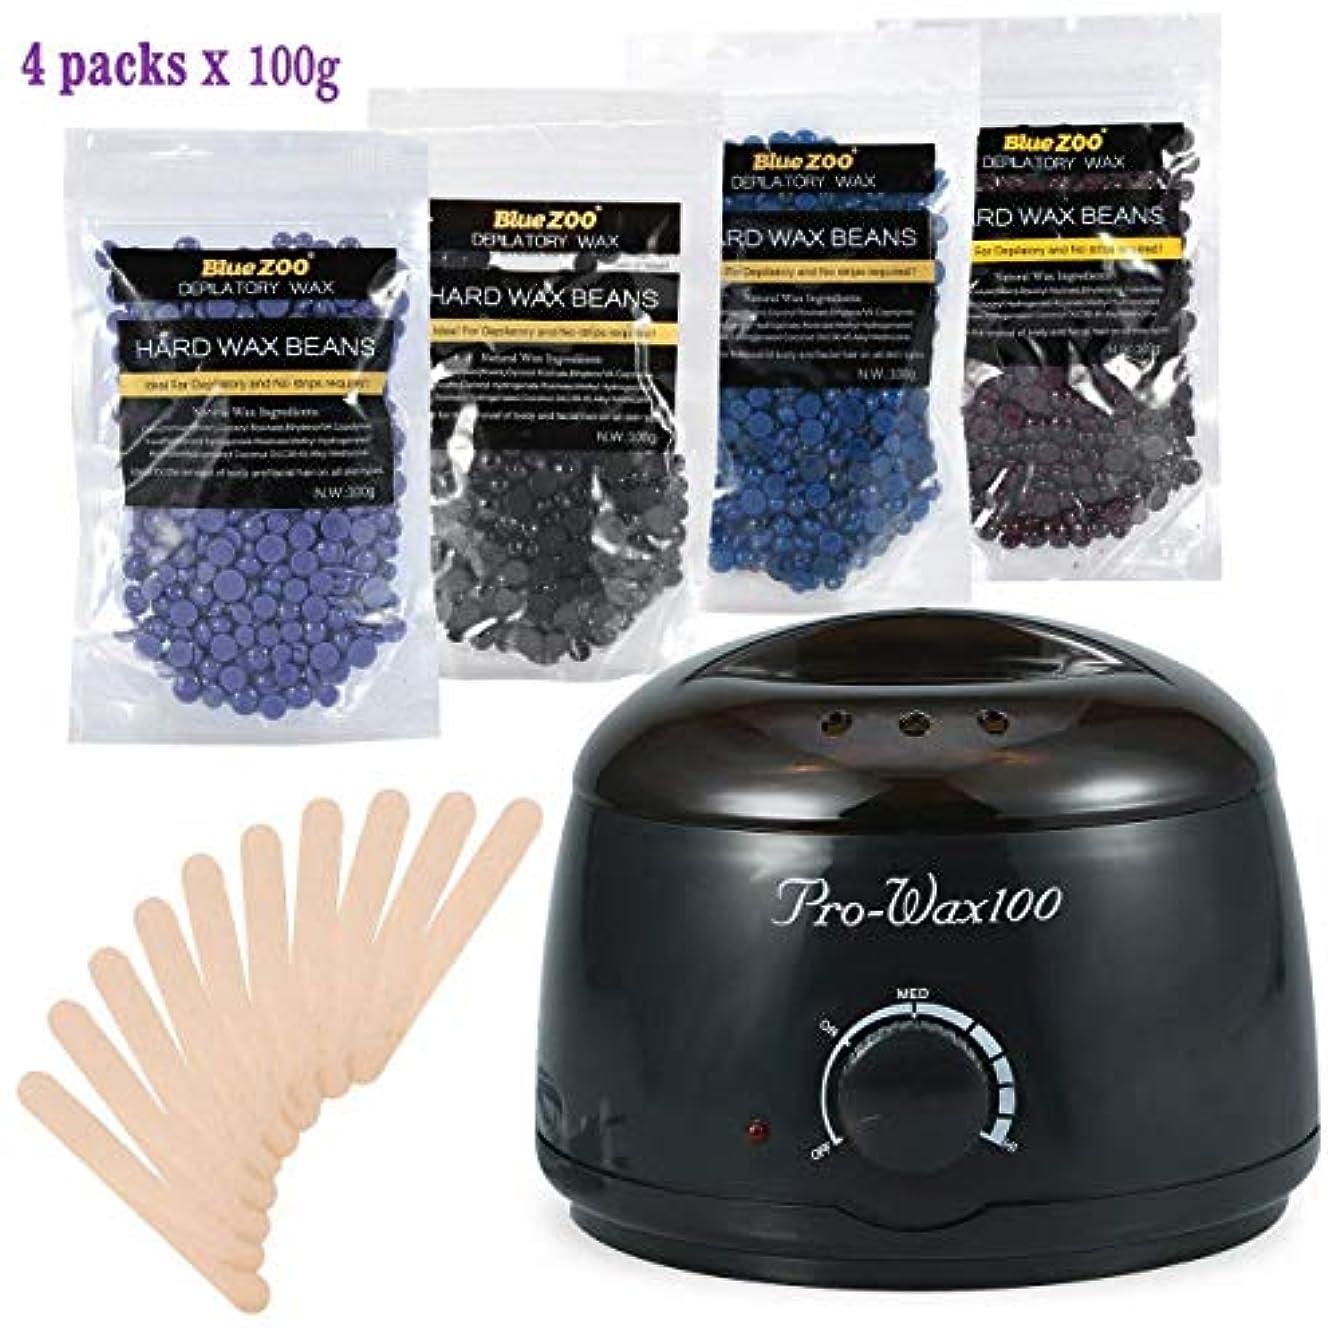 シニス迷路価値ボディービキニ脱毛?ワックスセット、500ml電気ワックスヒーター(ブラック)4種類のハードワックス豆と木製シャベル10種類、ワックス豆100g (1)